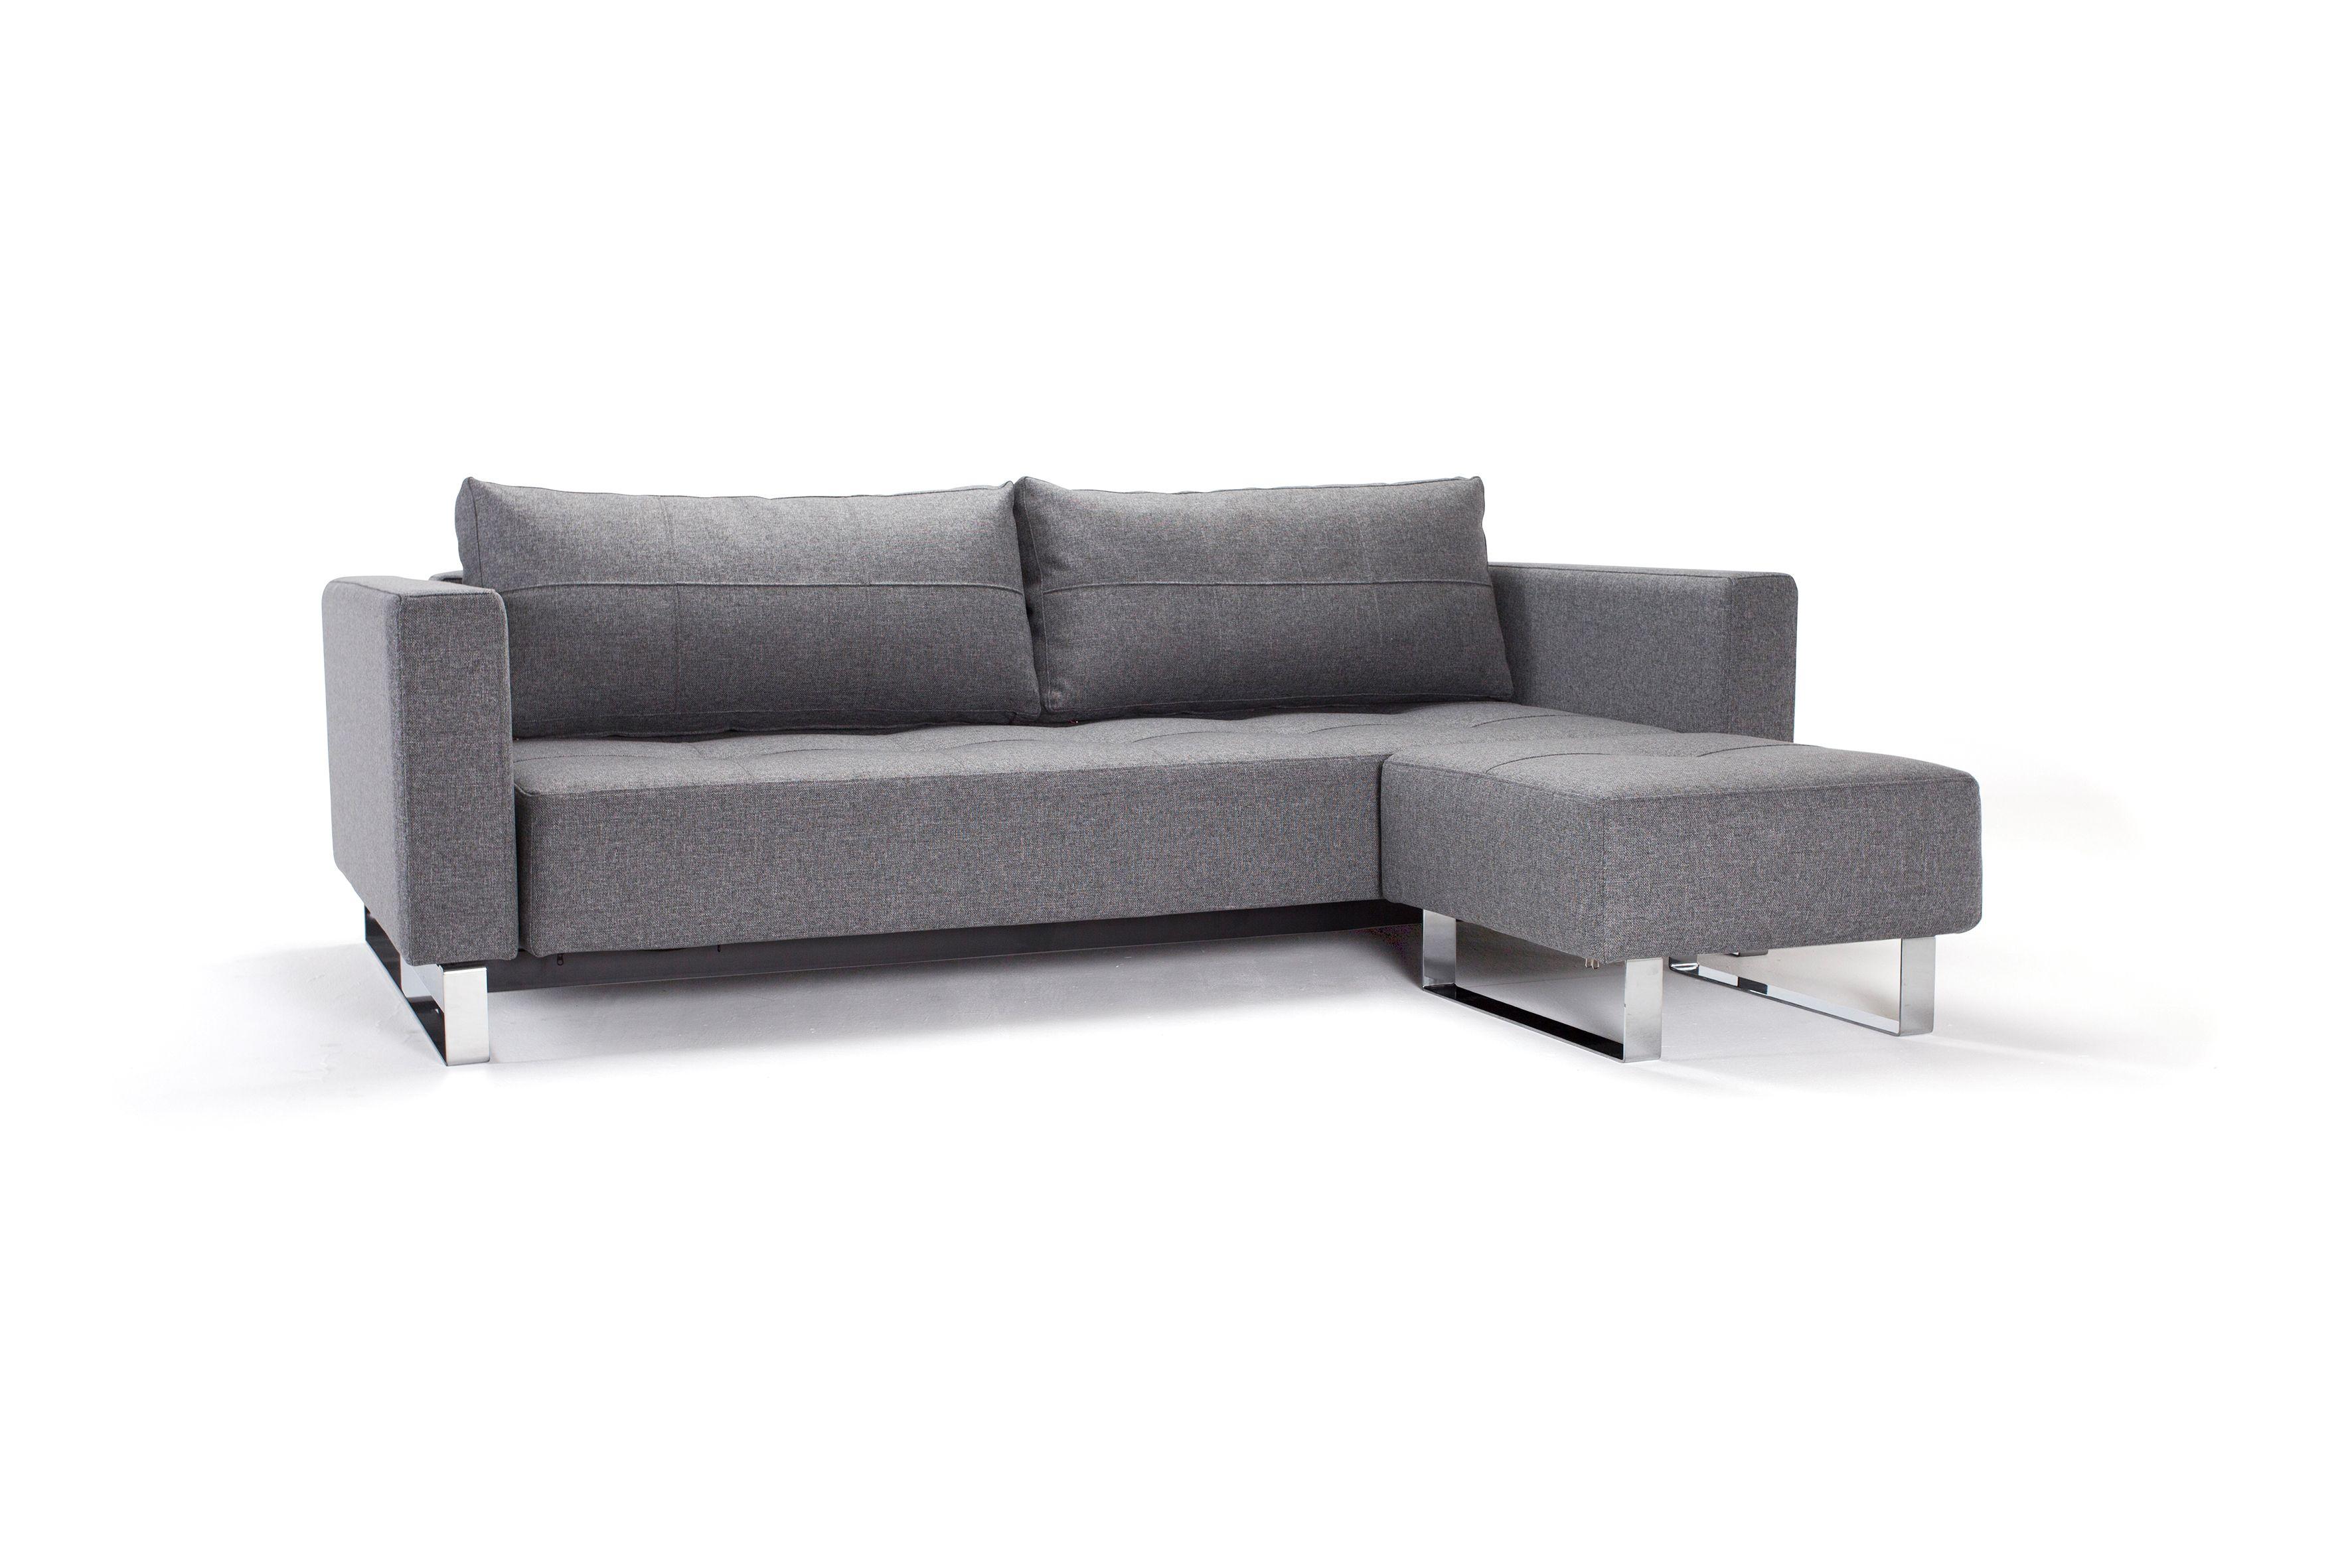 Attraktiv Cassius Excess Lounger Sofa Bed   Innovation Living Melbourne